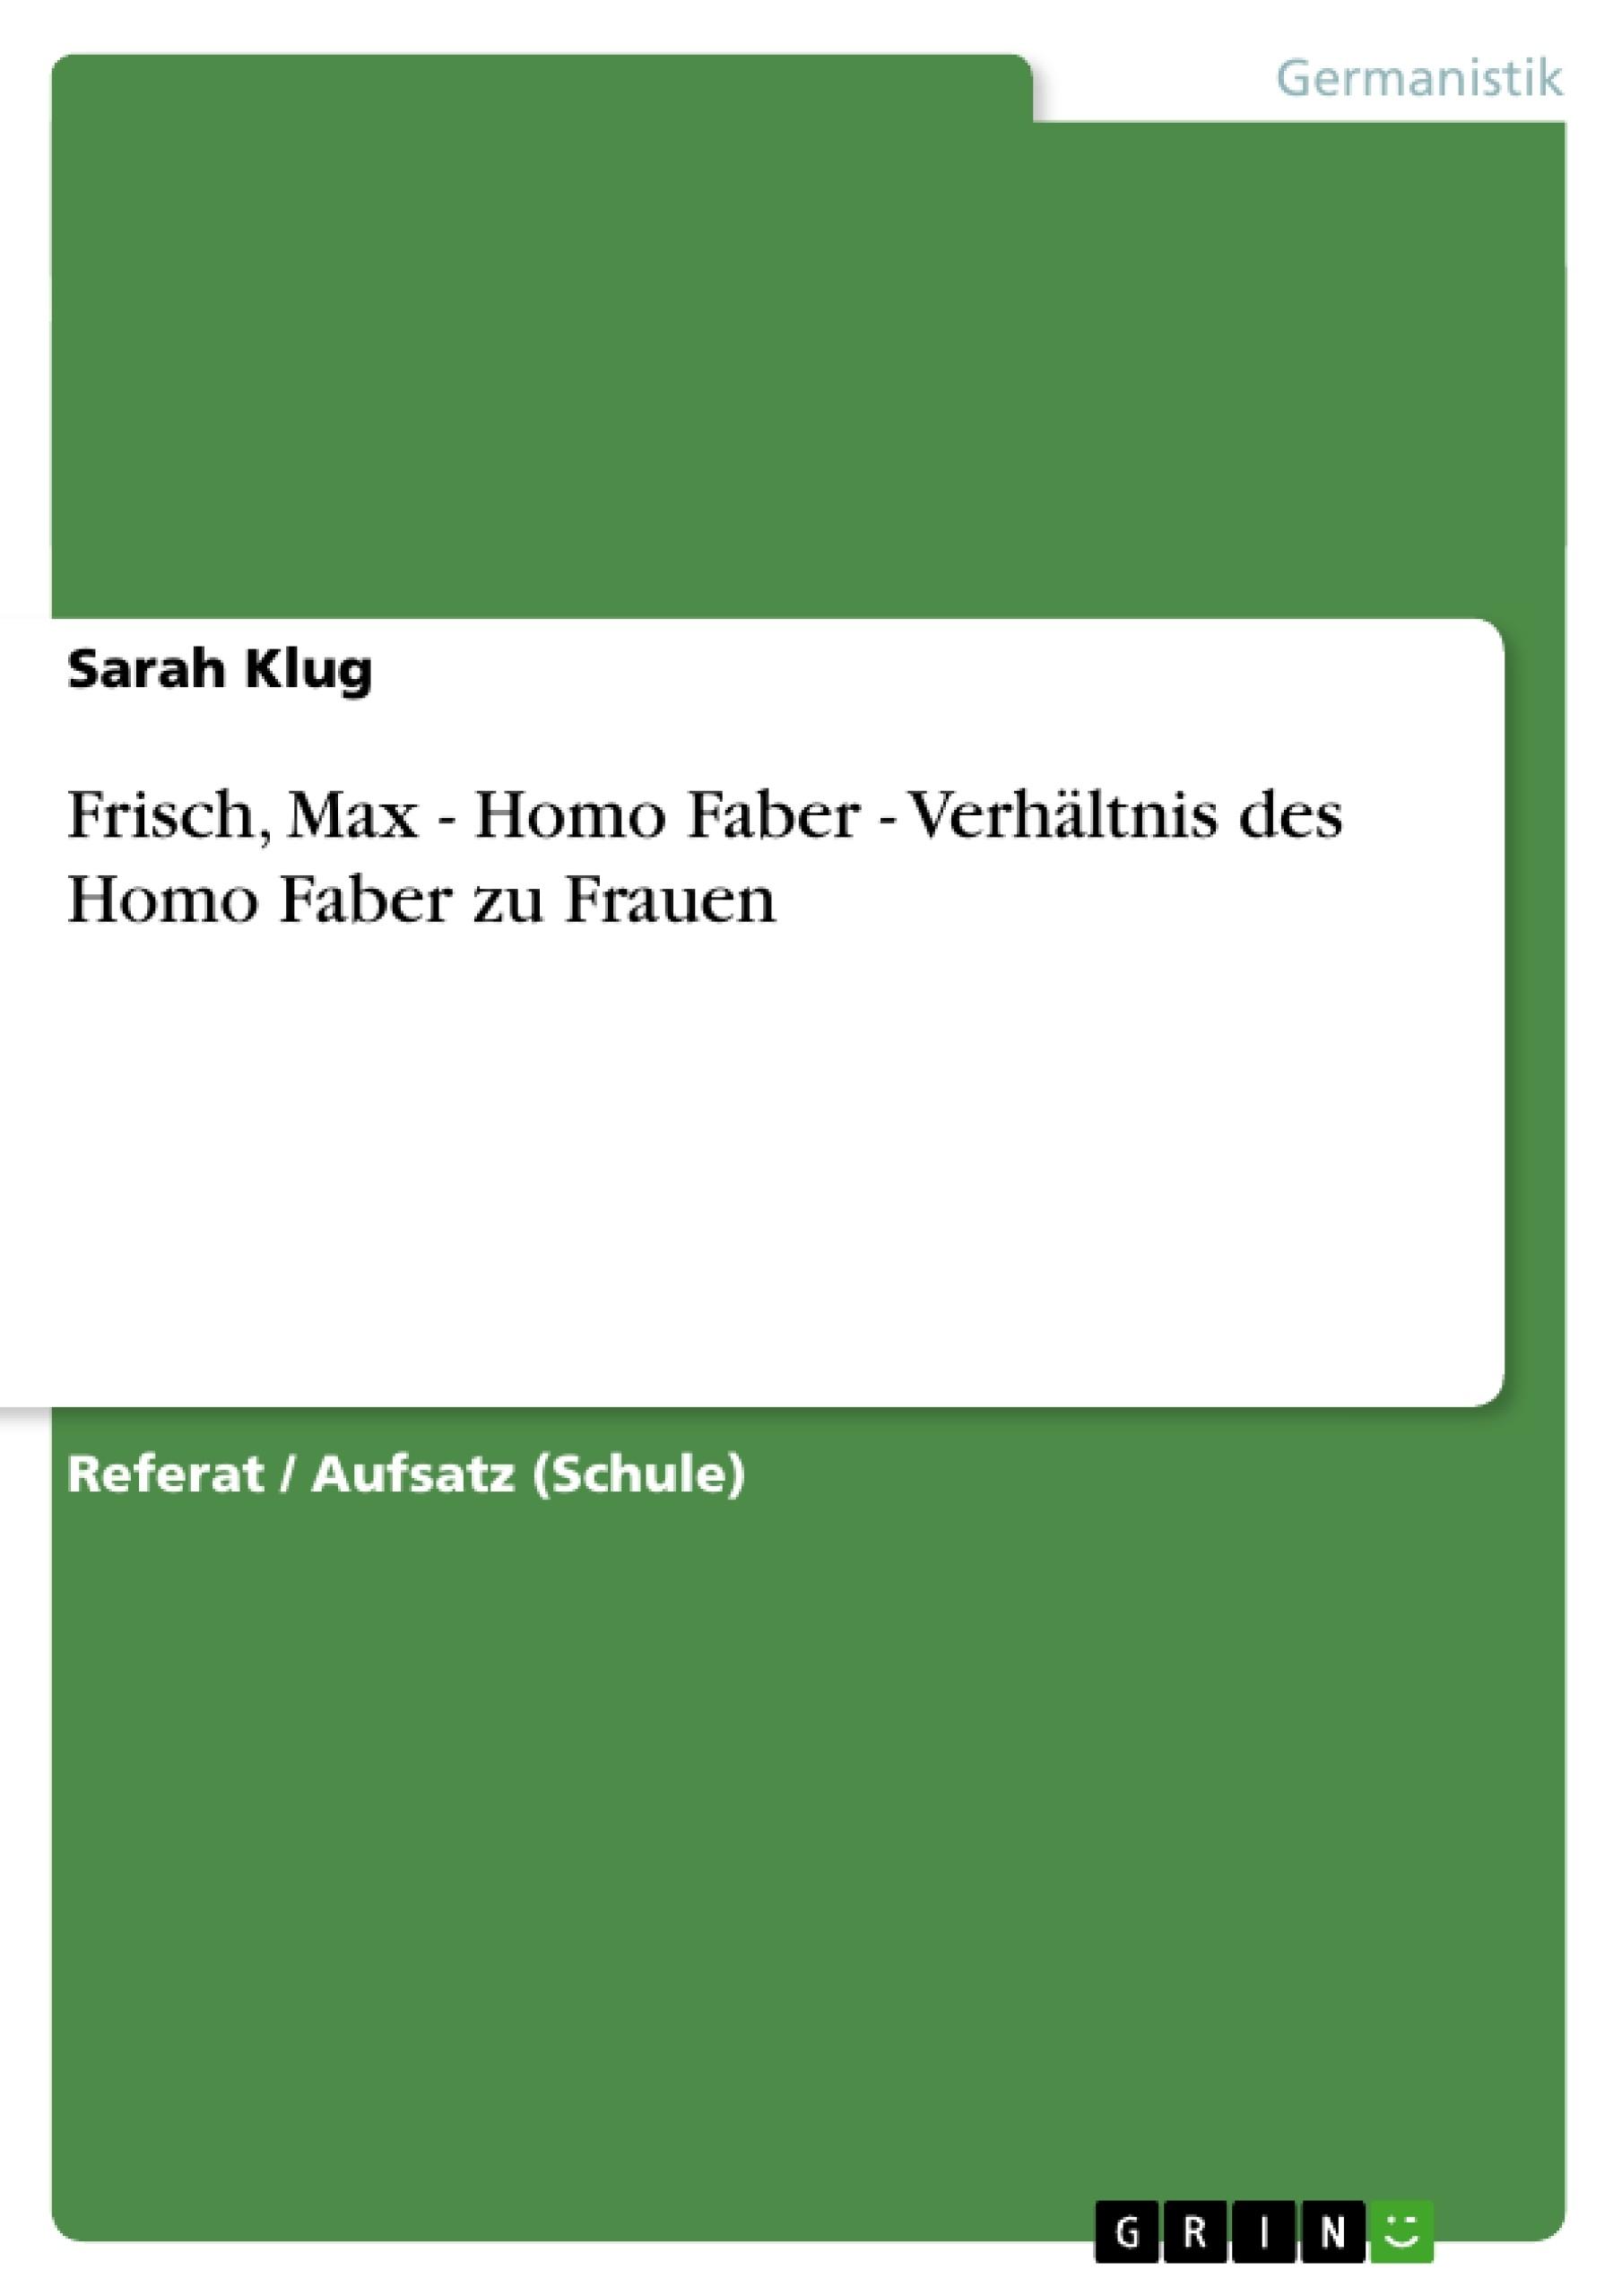 Titel: Frisch, Max - Homo Faber - Verhältnis des Homo Faber zu Frauen